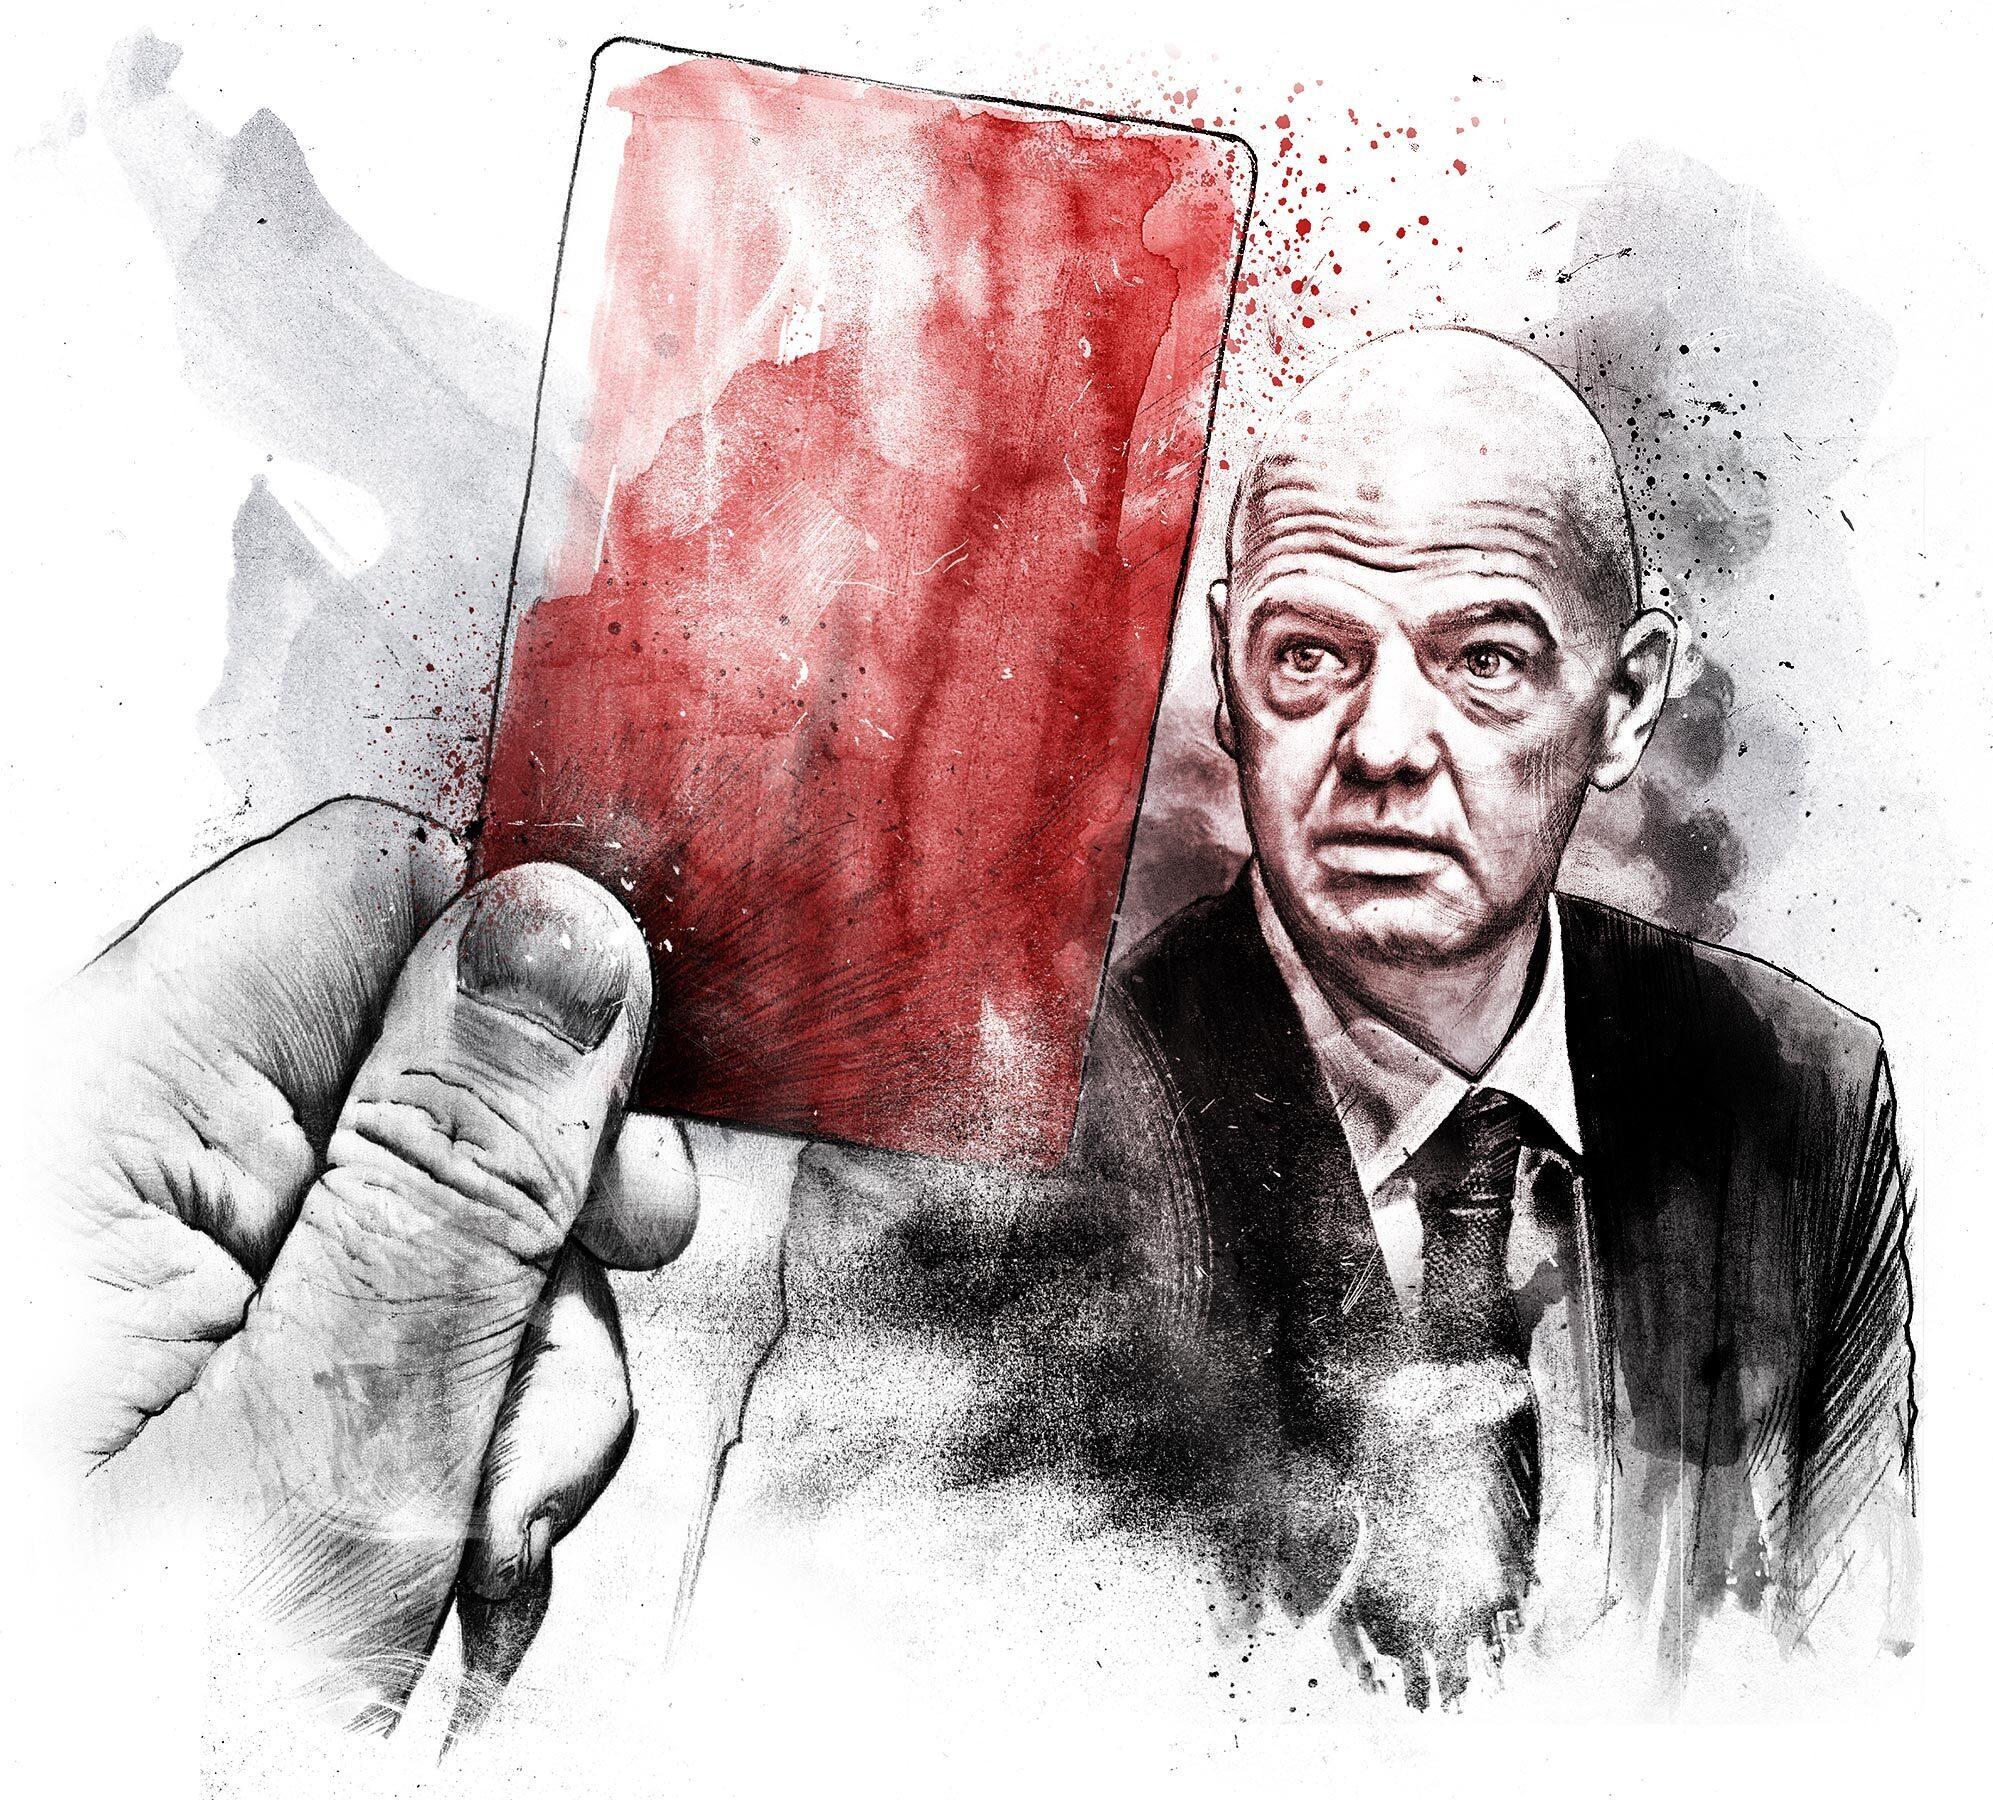 Gianni Infantino red card illustration - Kornel Illustration | Kornel Stadler portfolio